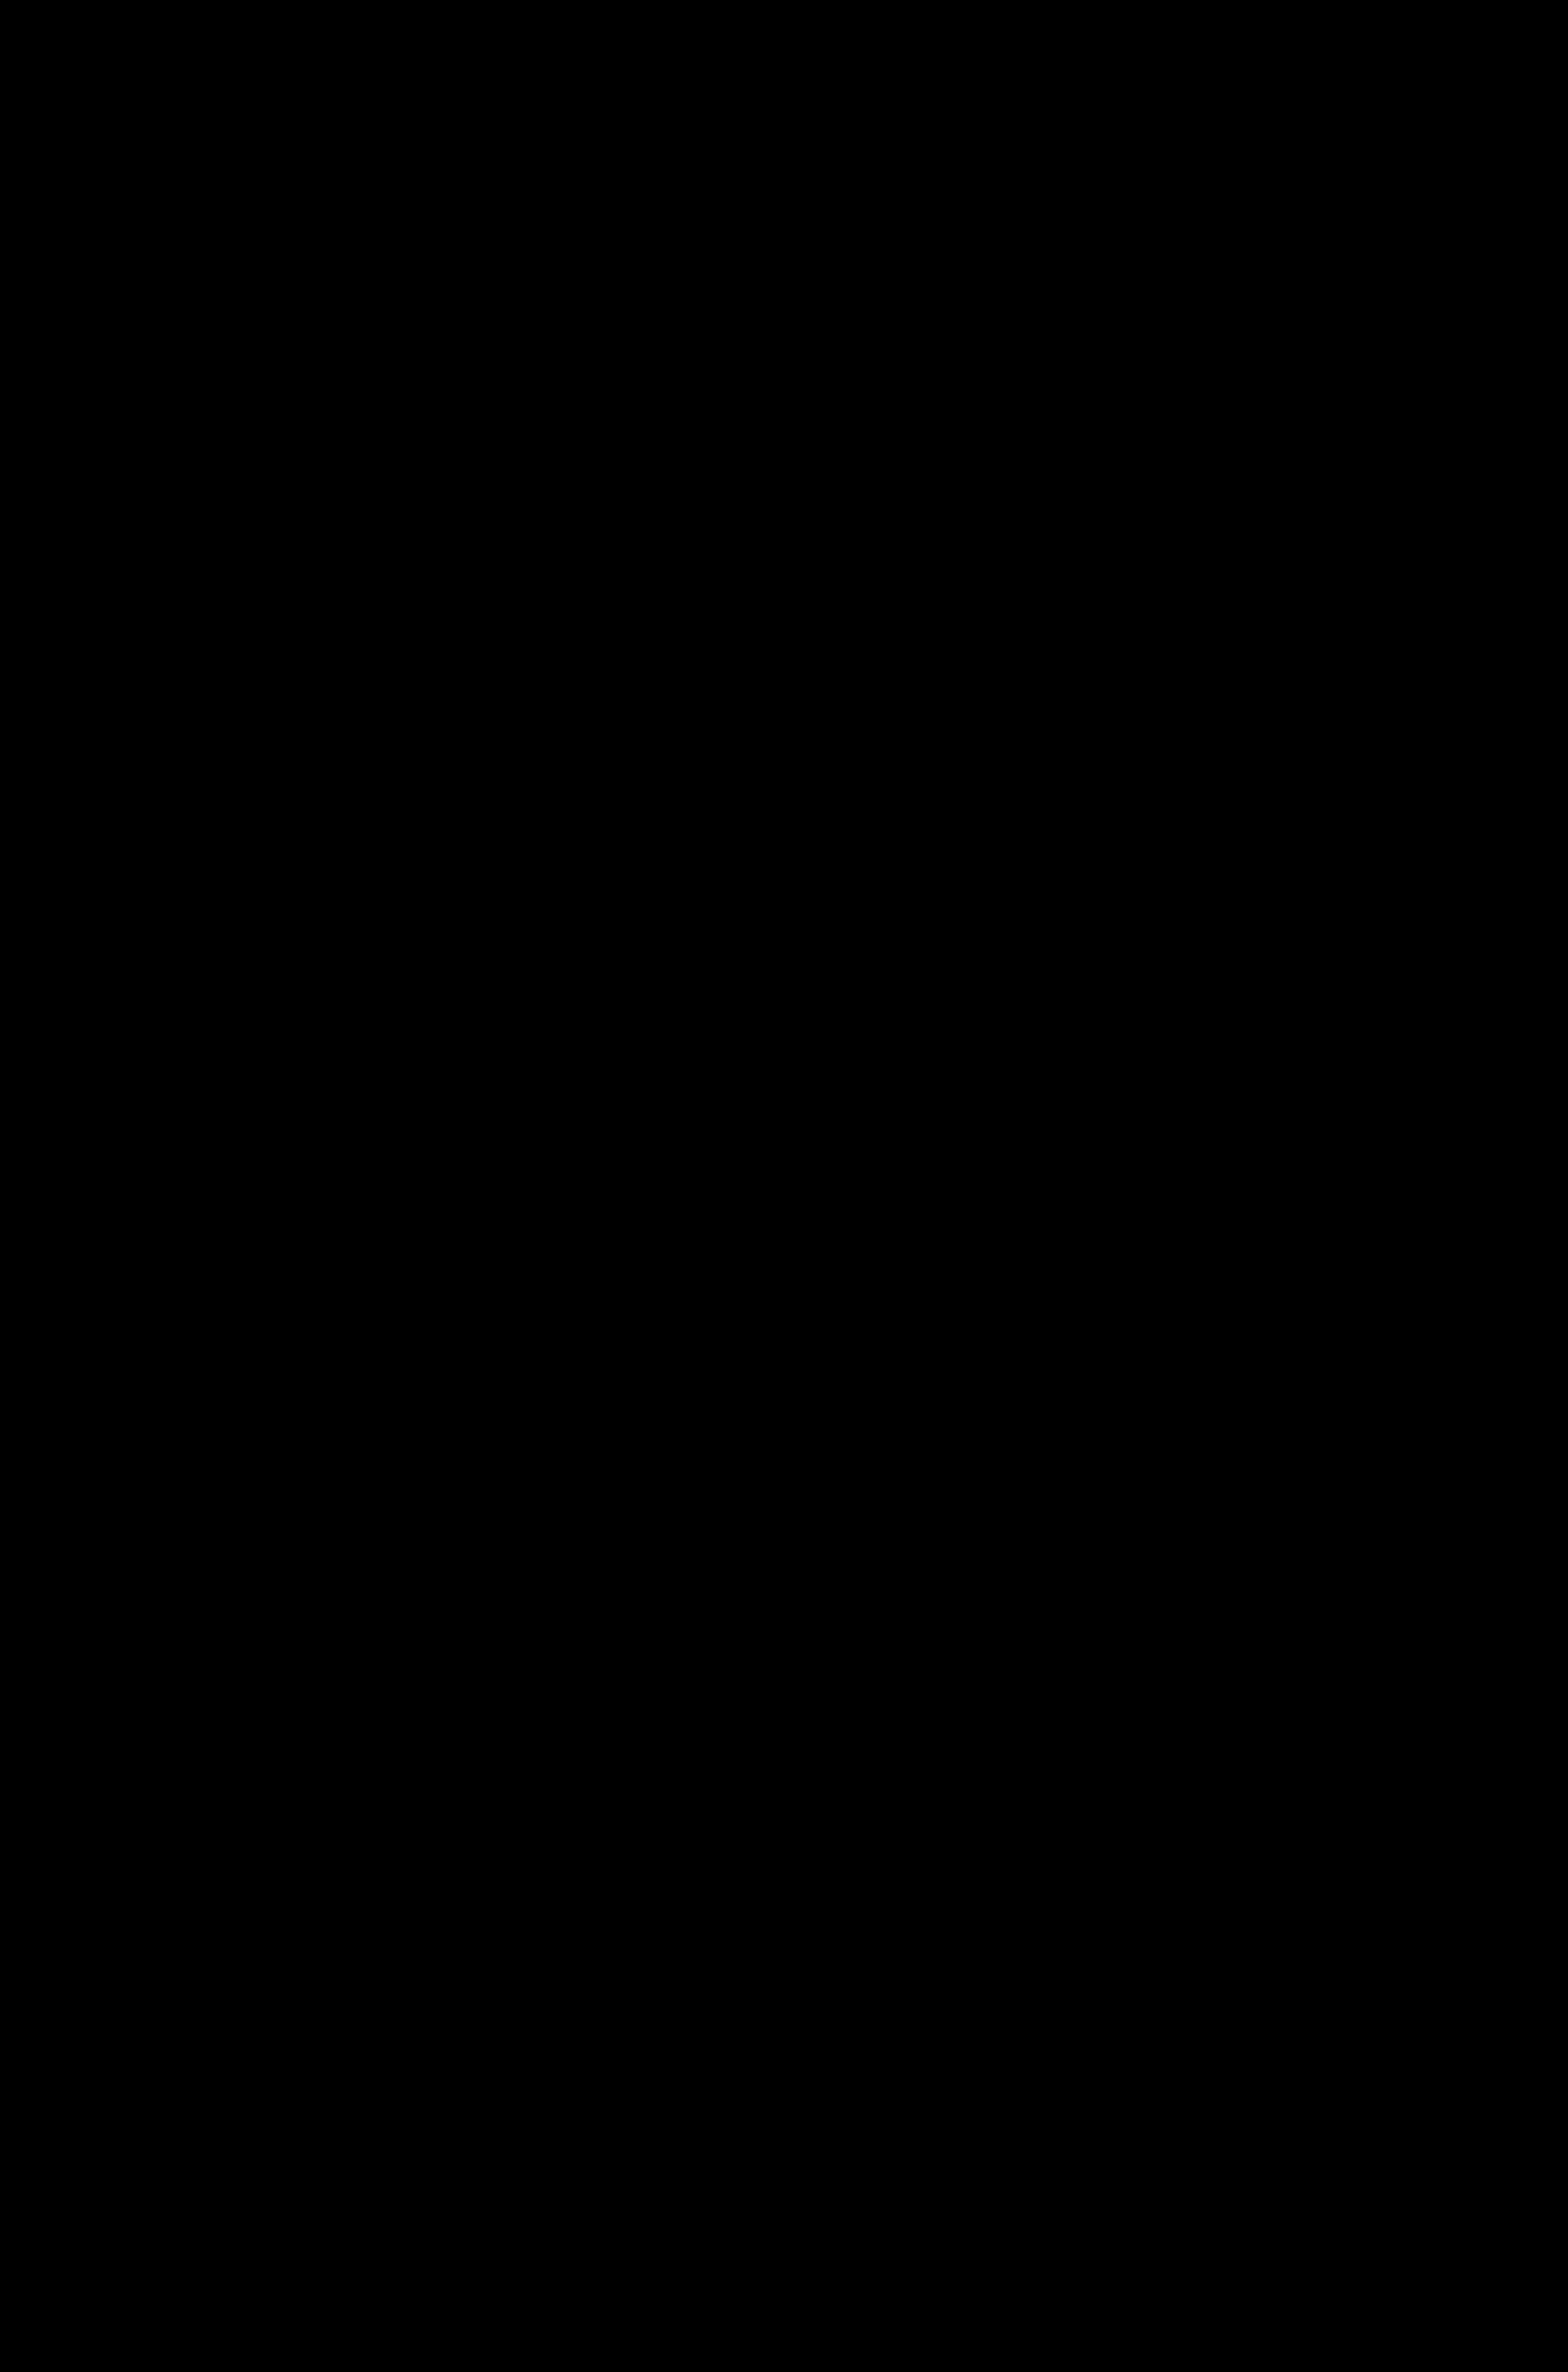 Brahma-sutra-karika-bhasyam Bskb